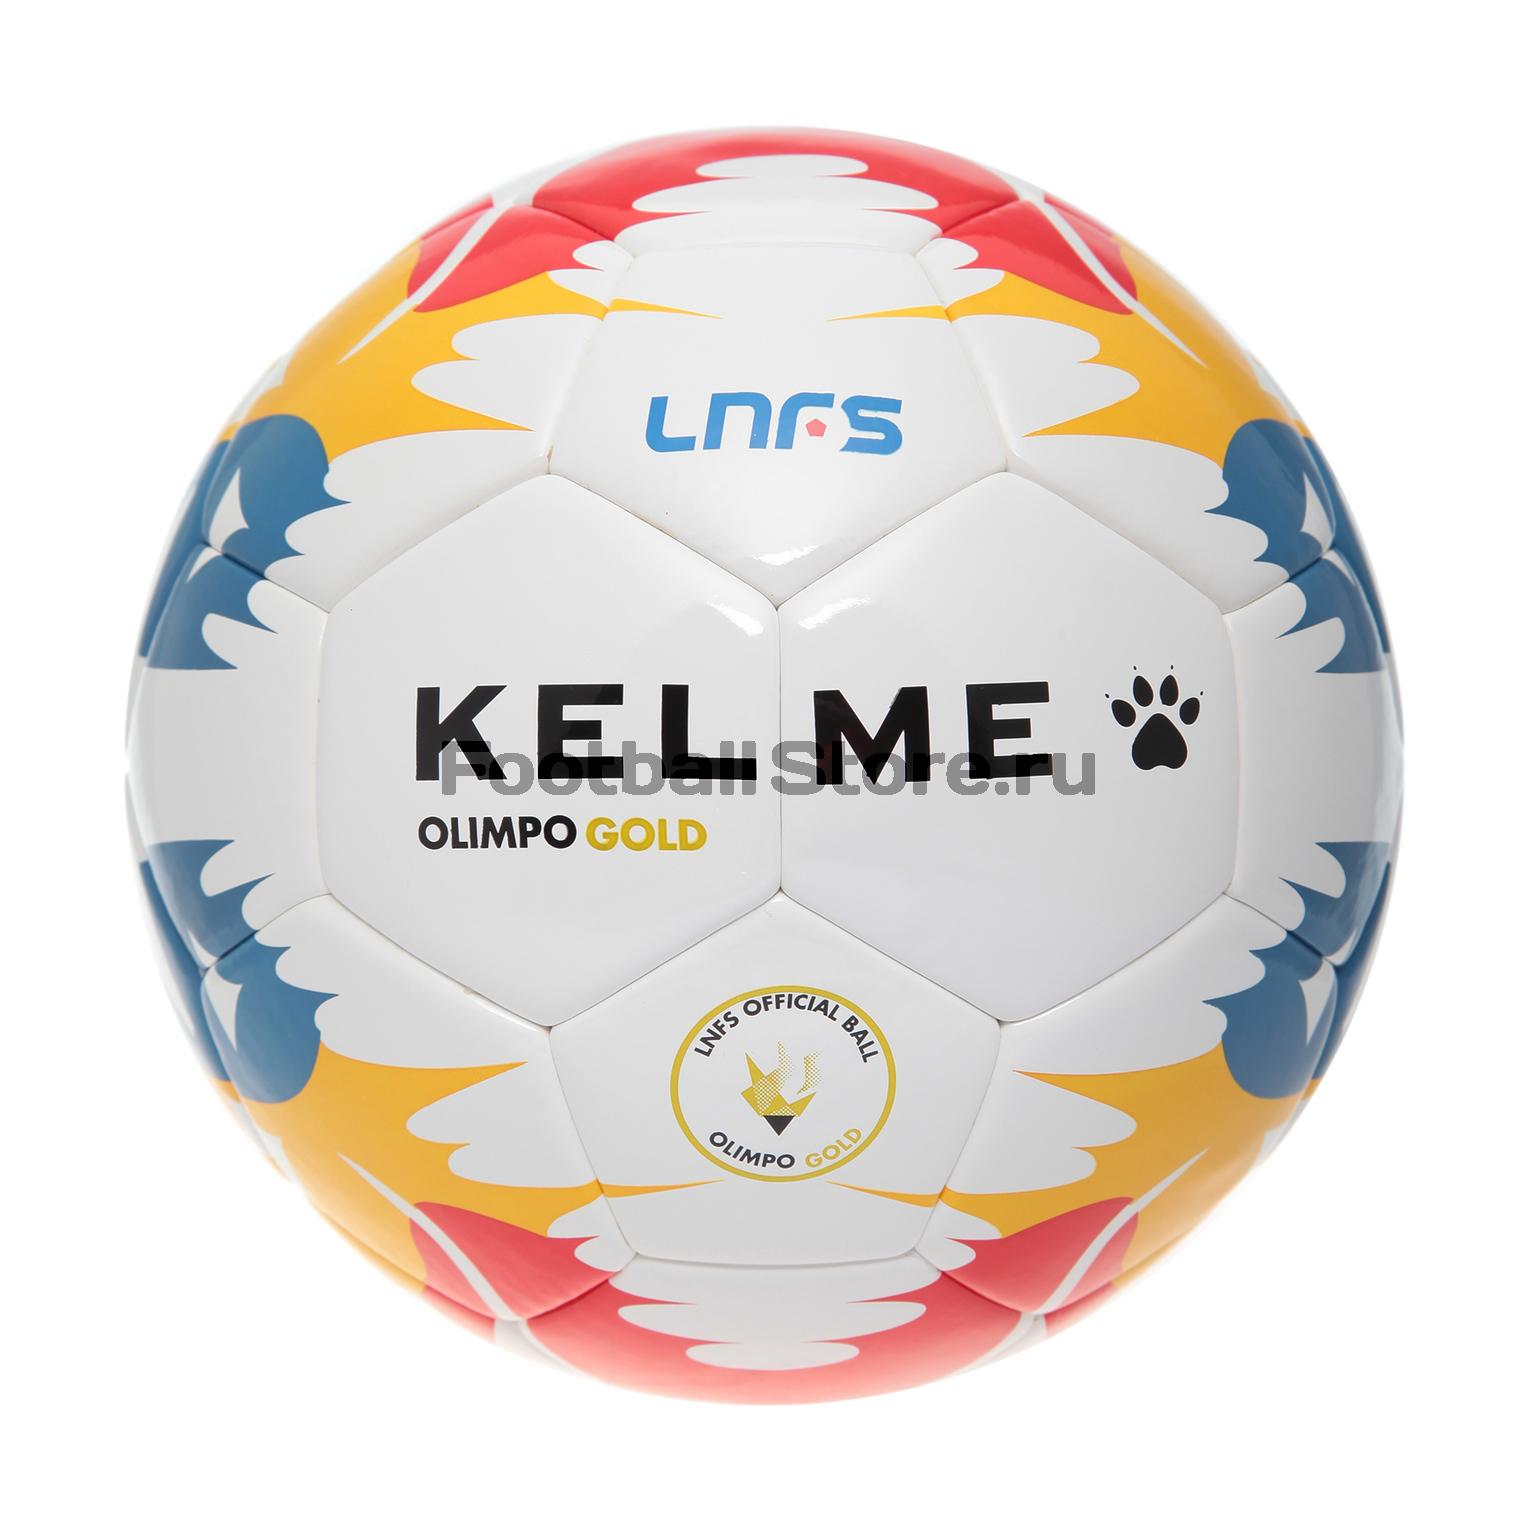 Футзальный мяч Kelme Oficial LNFC 17-18 90155-006 футбольный мяч kelme oficial lnfc 17 18 90155 006